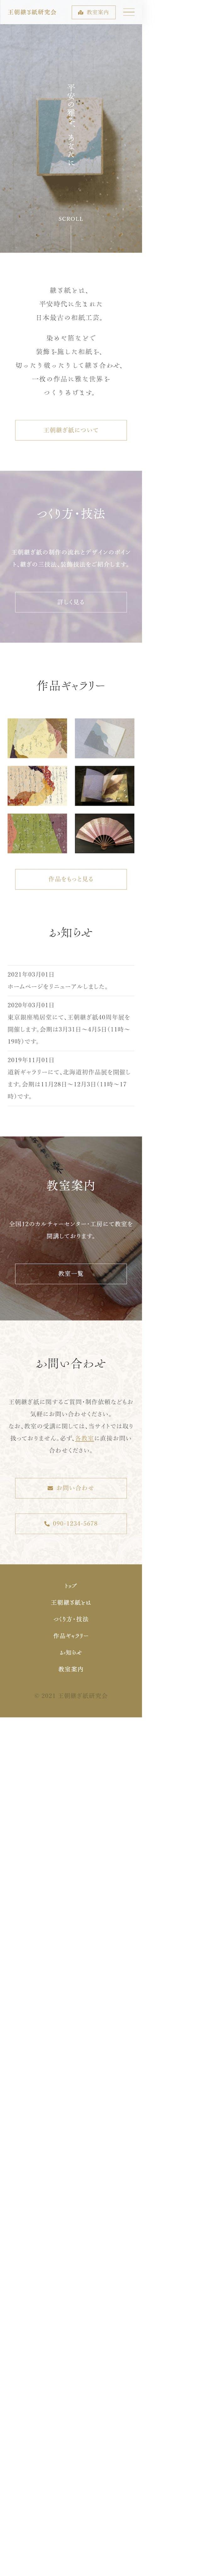 「王朝継ぎ紙研究会」Webサイトリニューアル-6